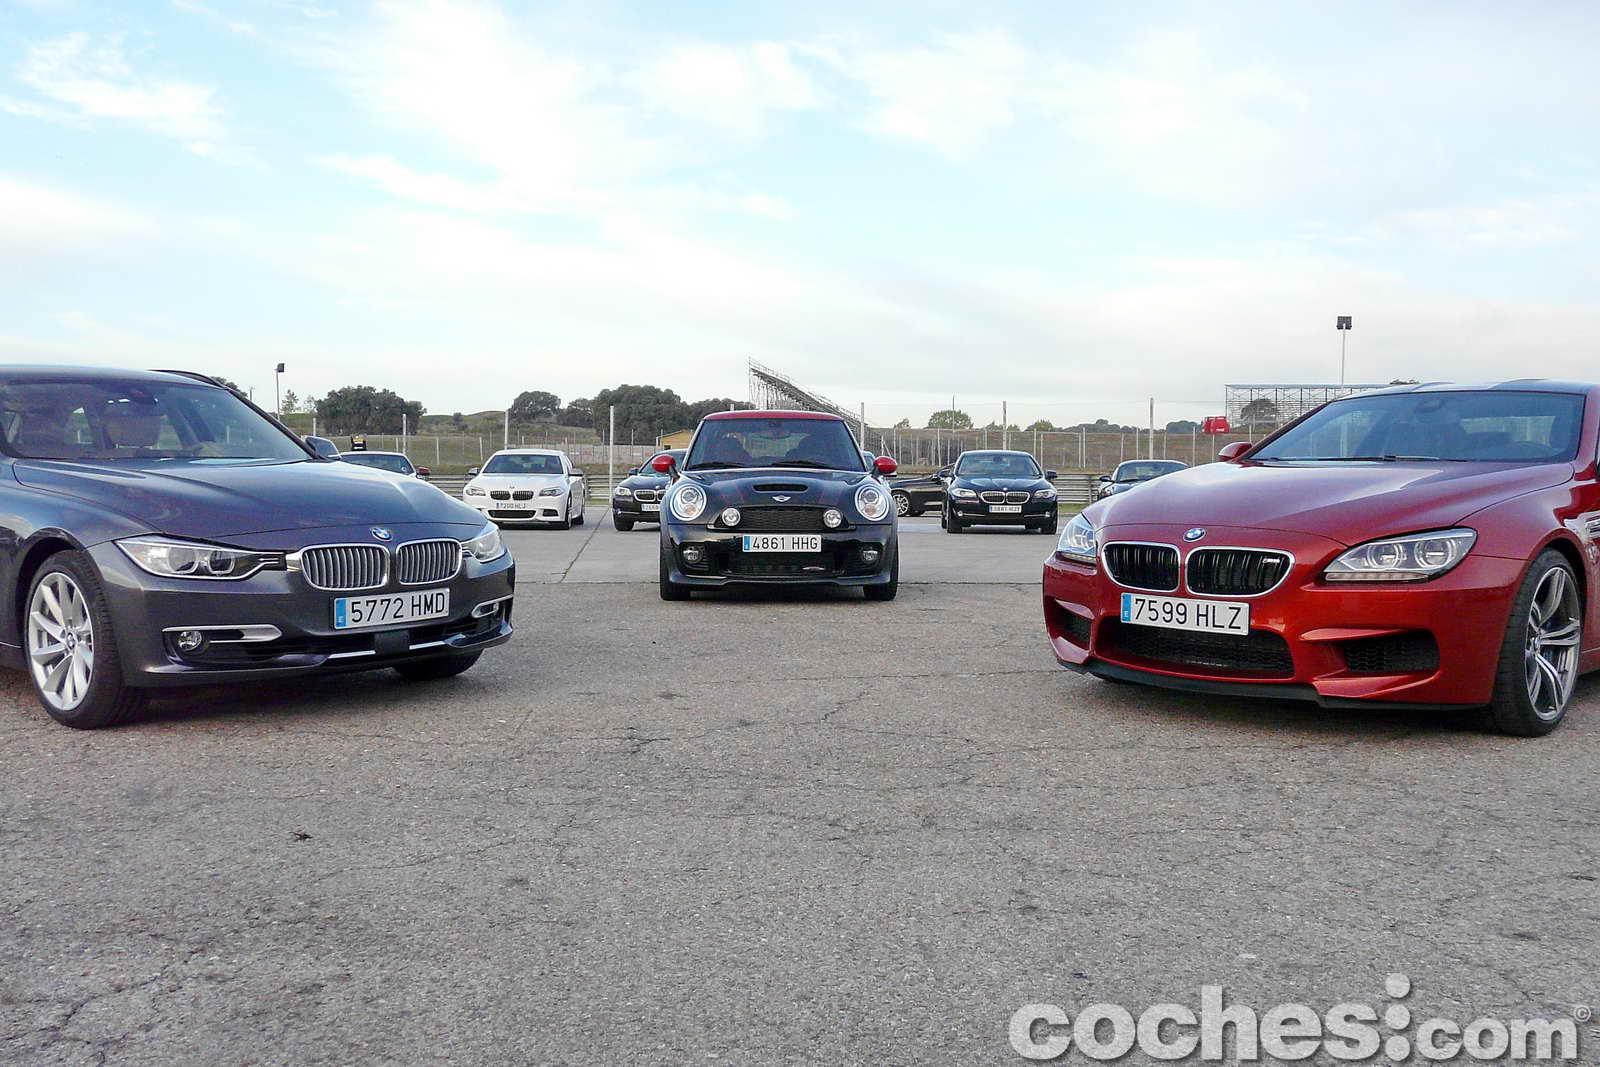 Prueba_gama_BMW_MINI_Jarama_21